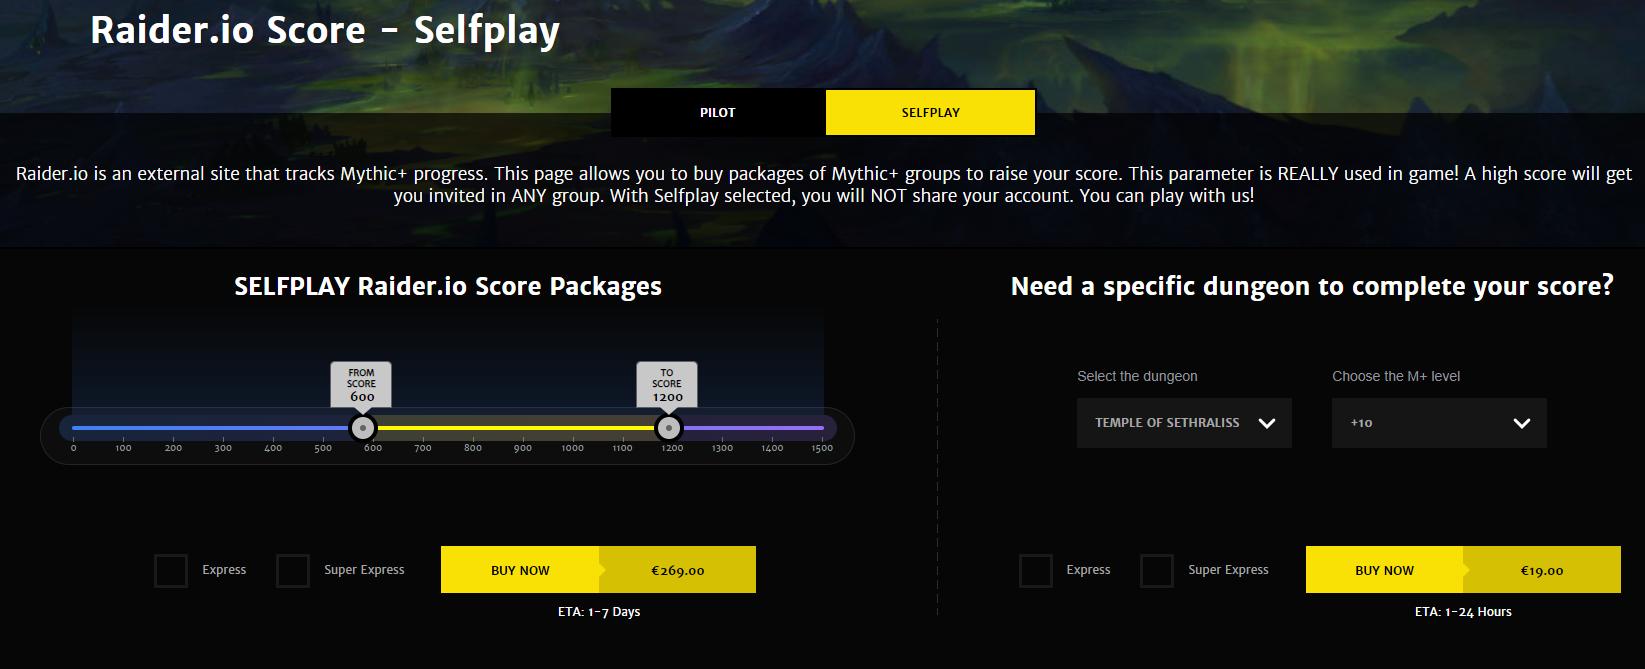 meilleurs tissus comment acheter en vente en ligne L'économie souterraine des donjons de World of Warcraft